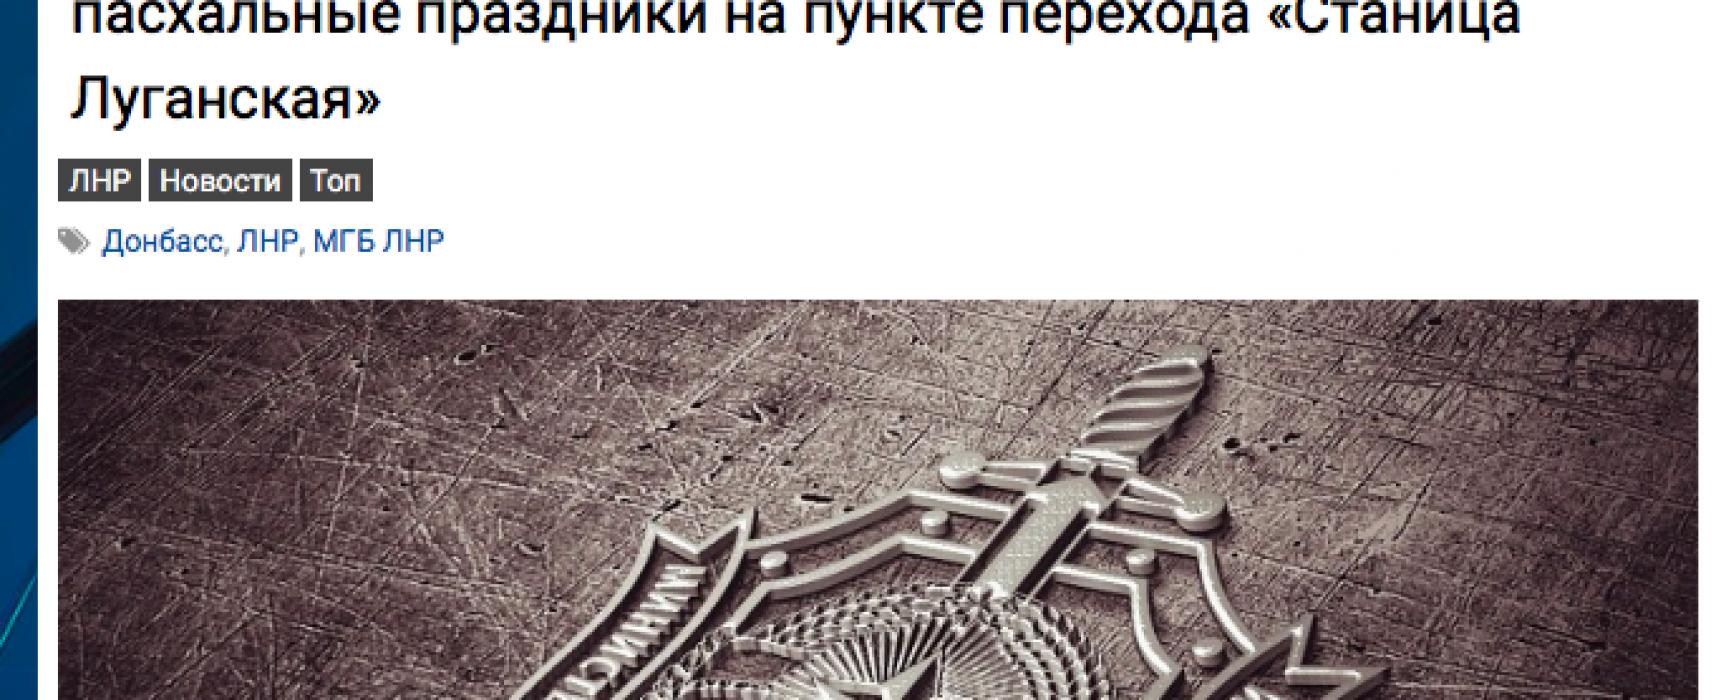 """Фейк: Украина готовит провокации на пасхальные выходные на контрольном пункте """"Станица Луганская"""""""